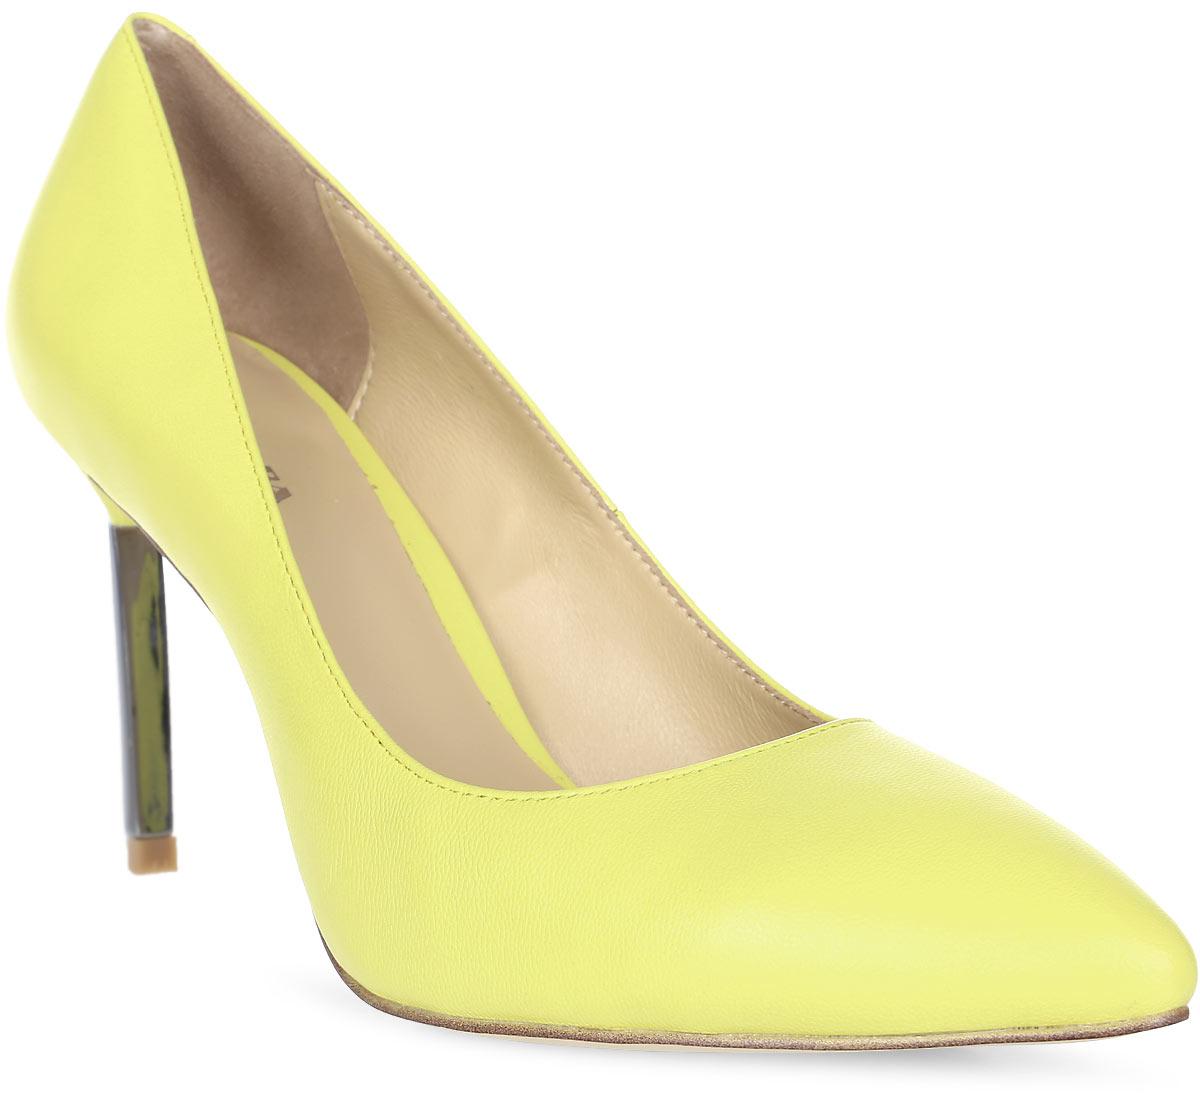 Туфли женские Alba, цвет: желтый. 11190-3-43502/63I S. Размер 4011190-3-43502/63I SЭлегантные туфли-лодочки Alba выполнены из натуральной кожи. Внутренняя поверхность и стелька из натуральной кожи обеспечат комфорт при движении. Подошва выполнена из резины. Модель имеет острый мысок и каблук-шпильку.